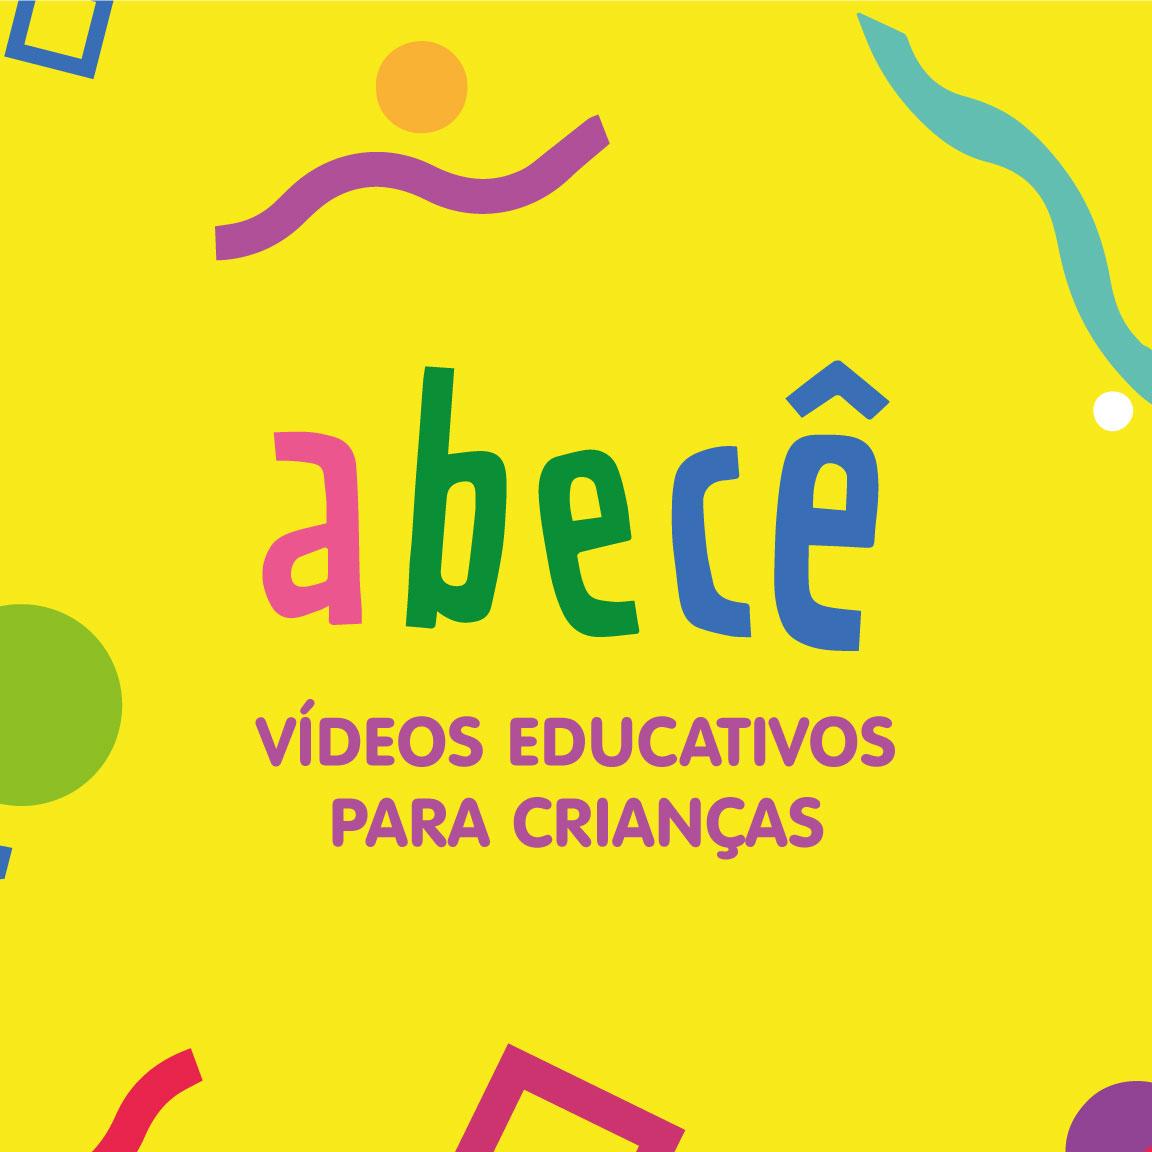 Vídeos didáticos para crianças.